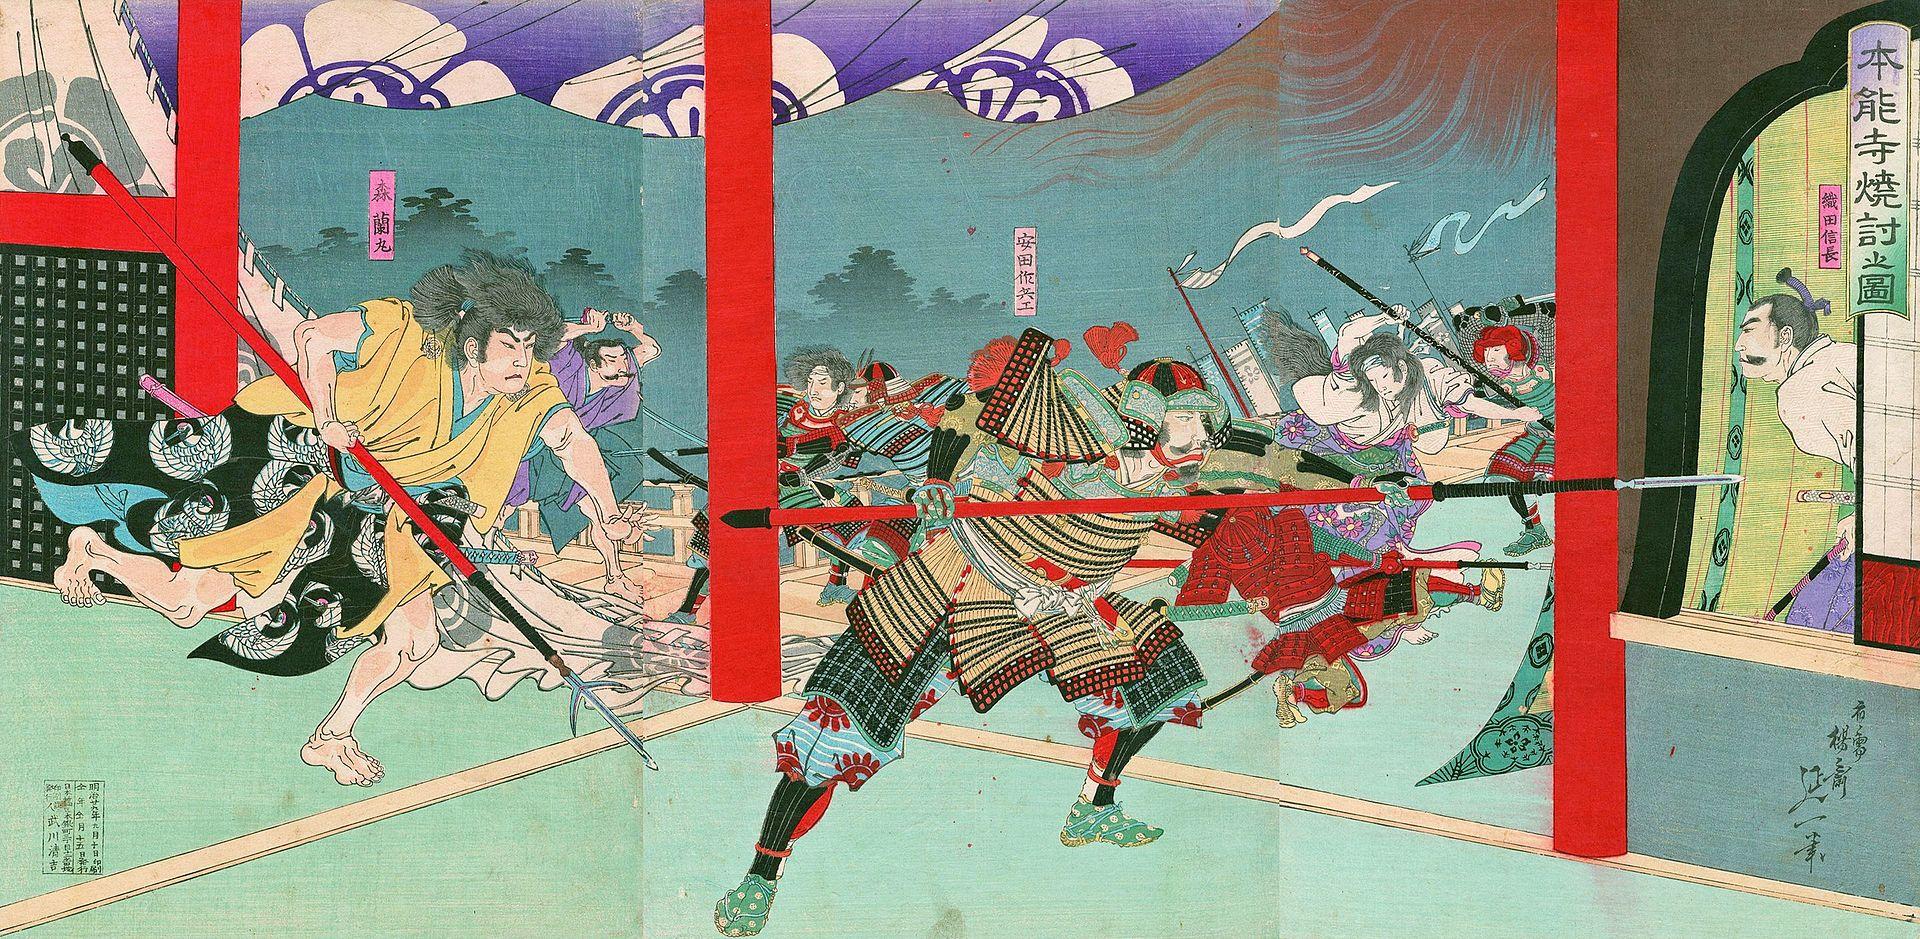 錦繪本能寺燒討之圖  (圖片來源﹕互聯網)